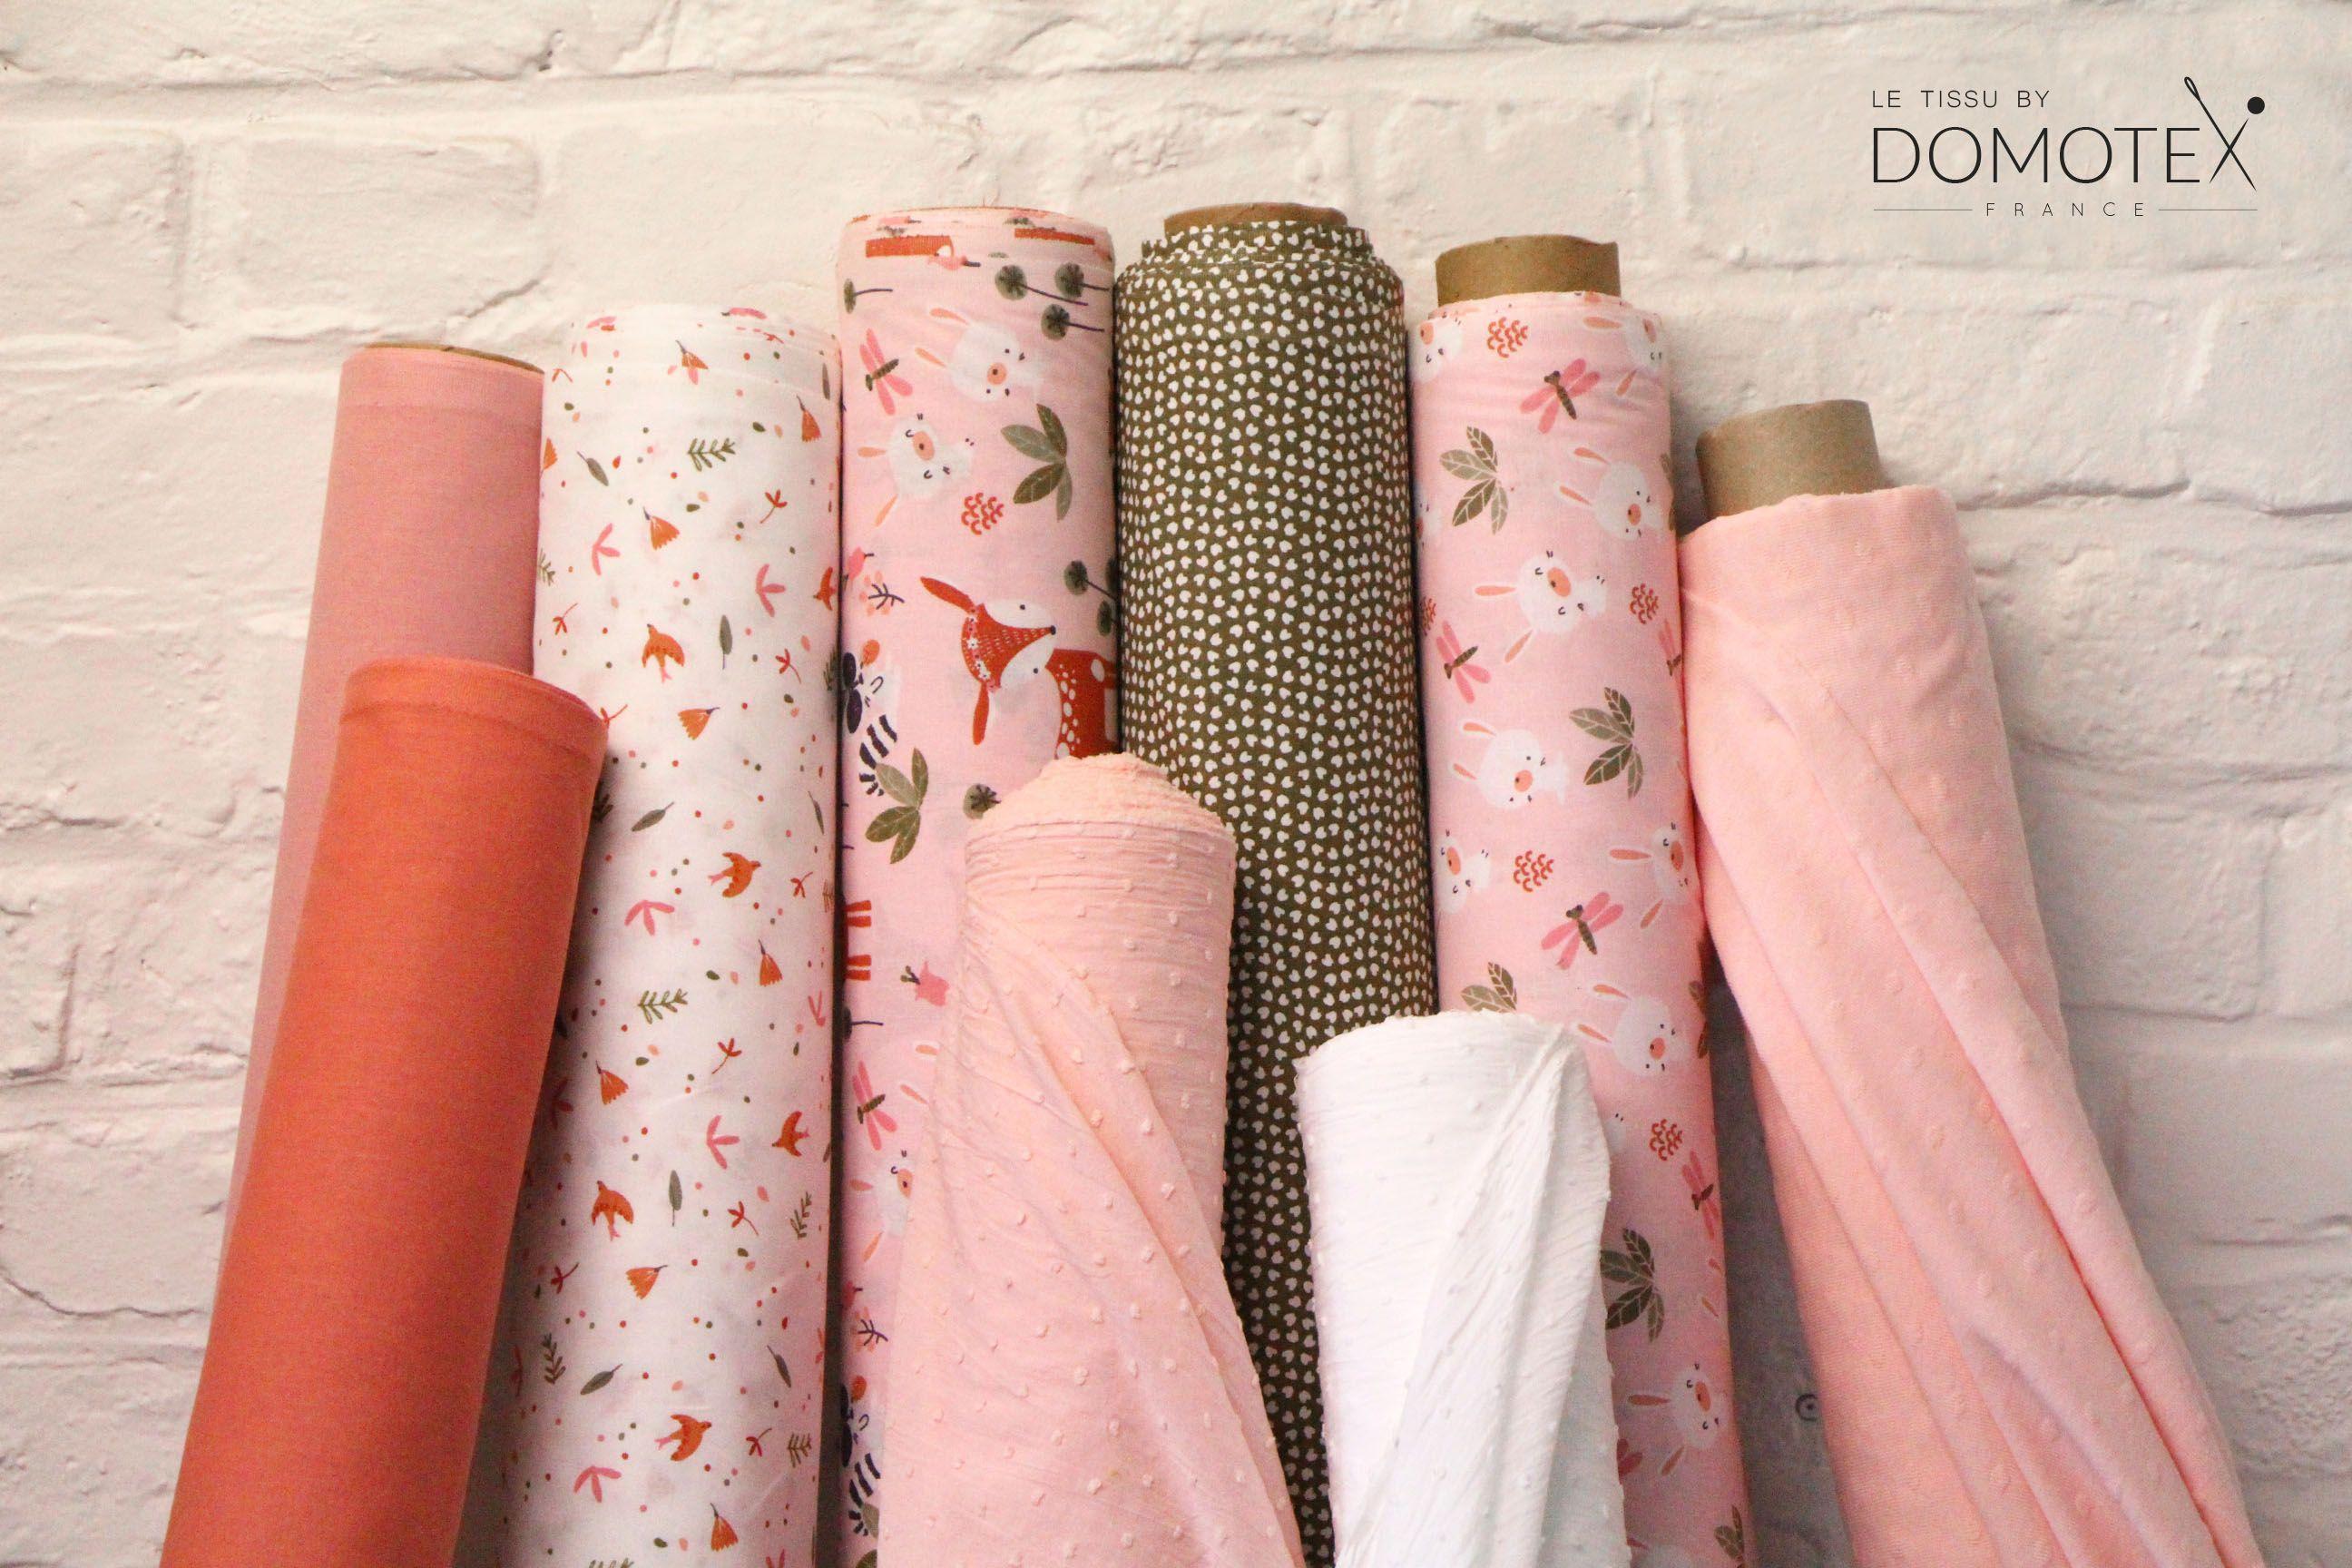 Notre Joli Theme Dolina De La Collection Kids Complete De Differents Rouleaux Tissus Unis Marsala Rose The De Pl En 2020 Tissu Imprimer Sur Tissu Roses The